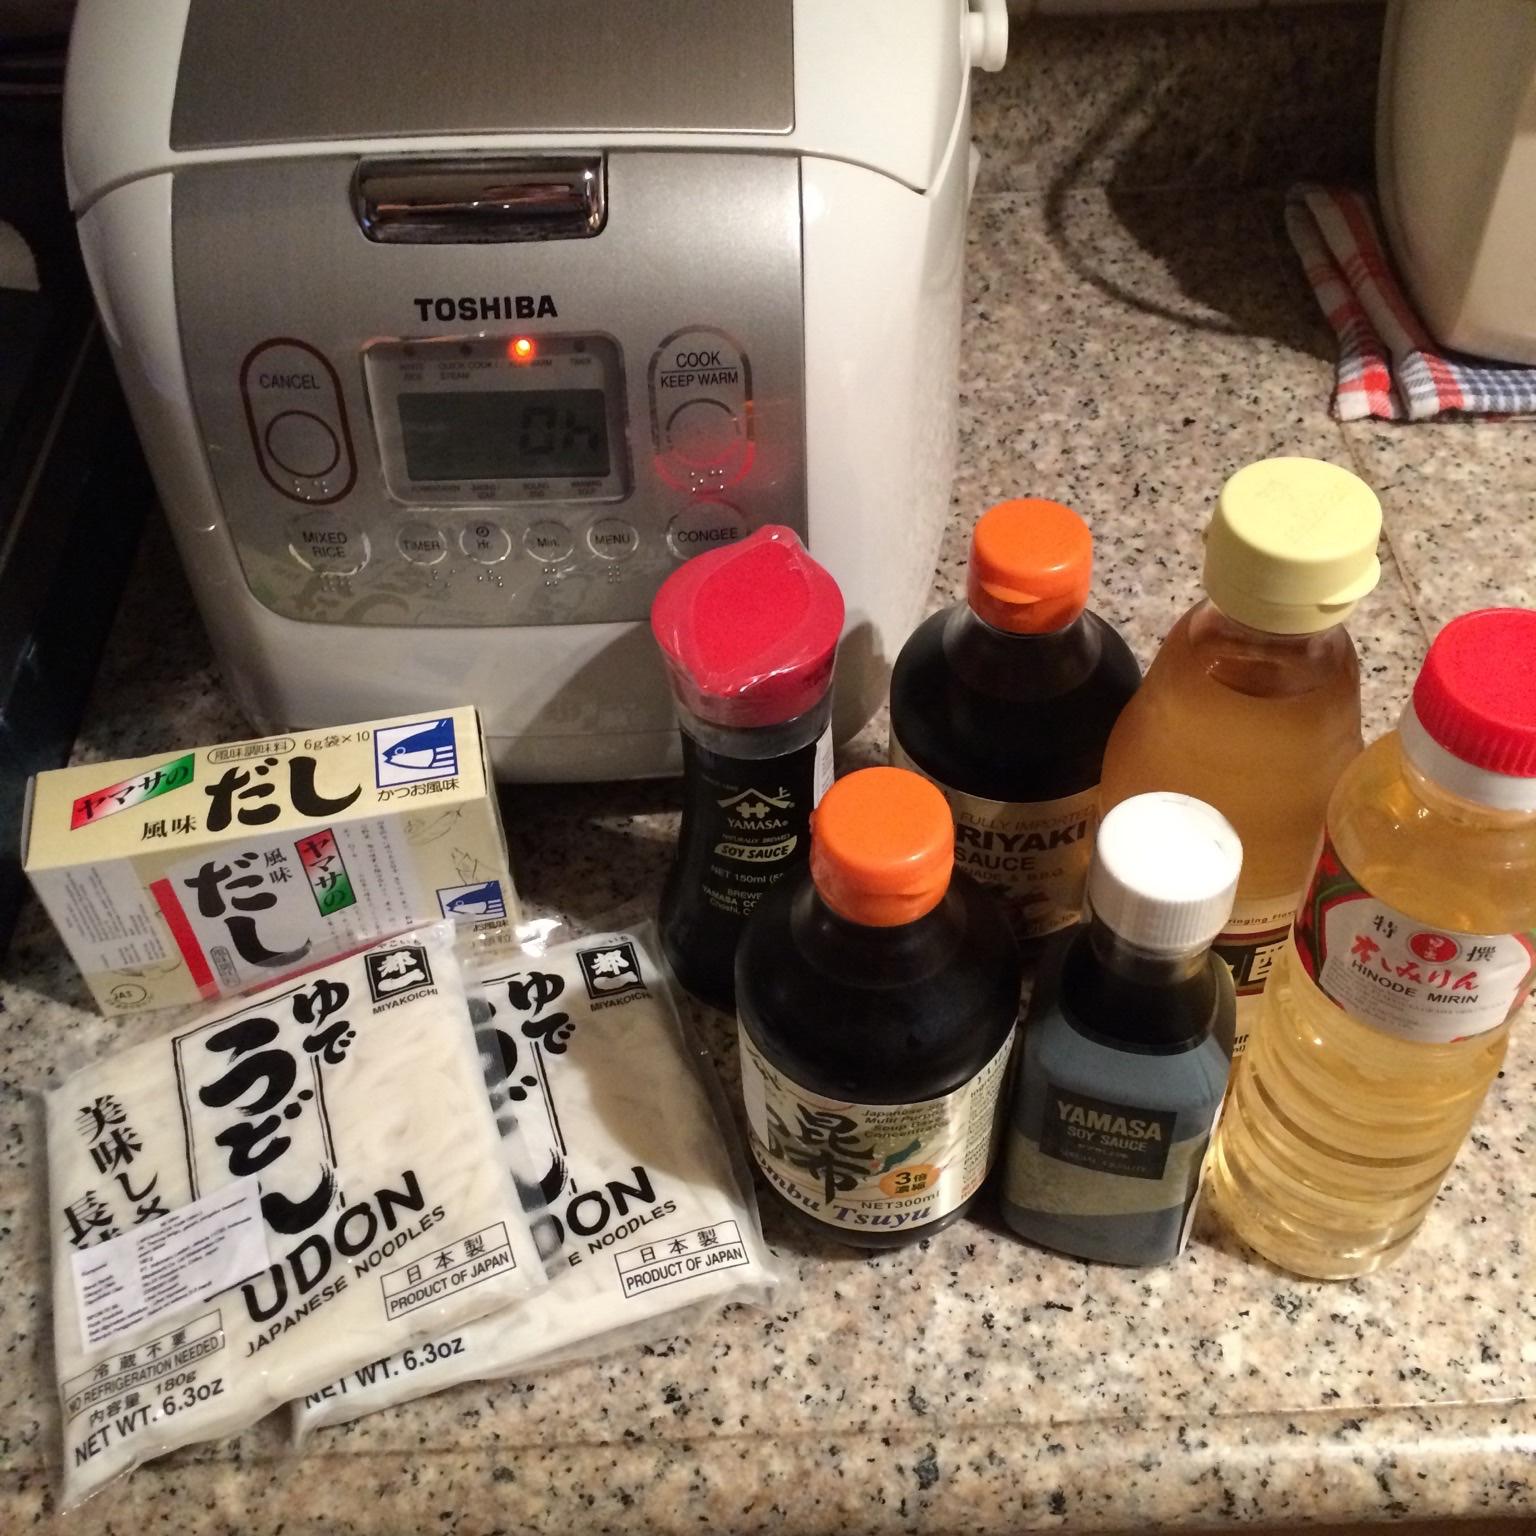 Japanese seasonings